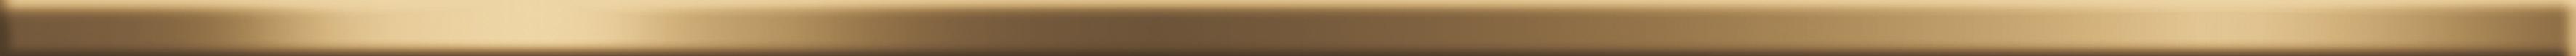 Купить Керамическая плитка AltaСera Morocco Tenor Gold BW0TNR09 бордюр 1, 3х60, Россия